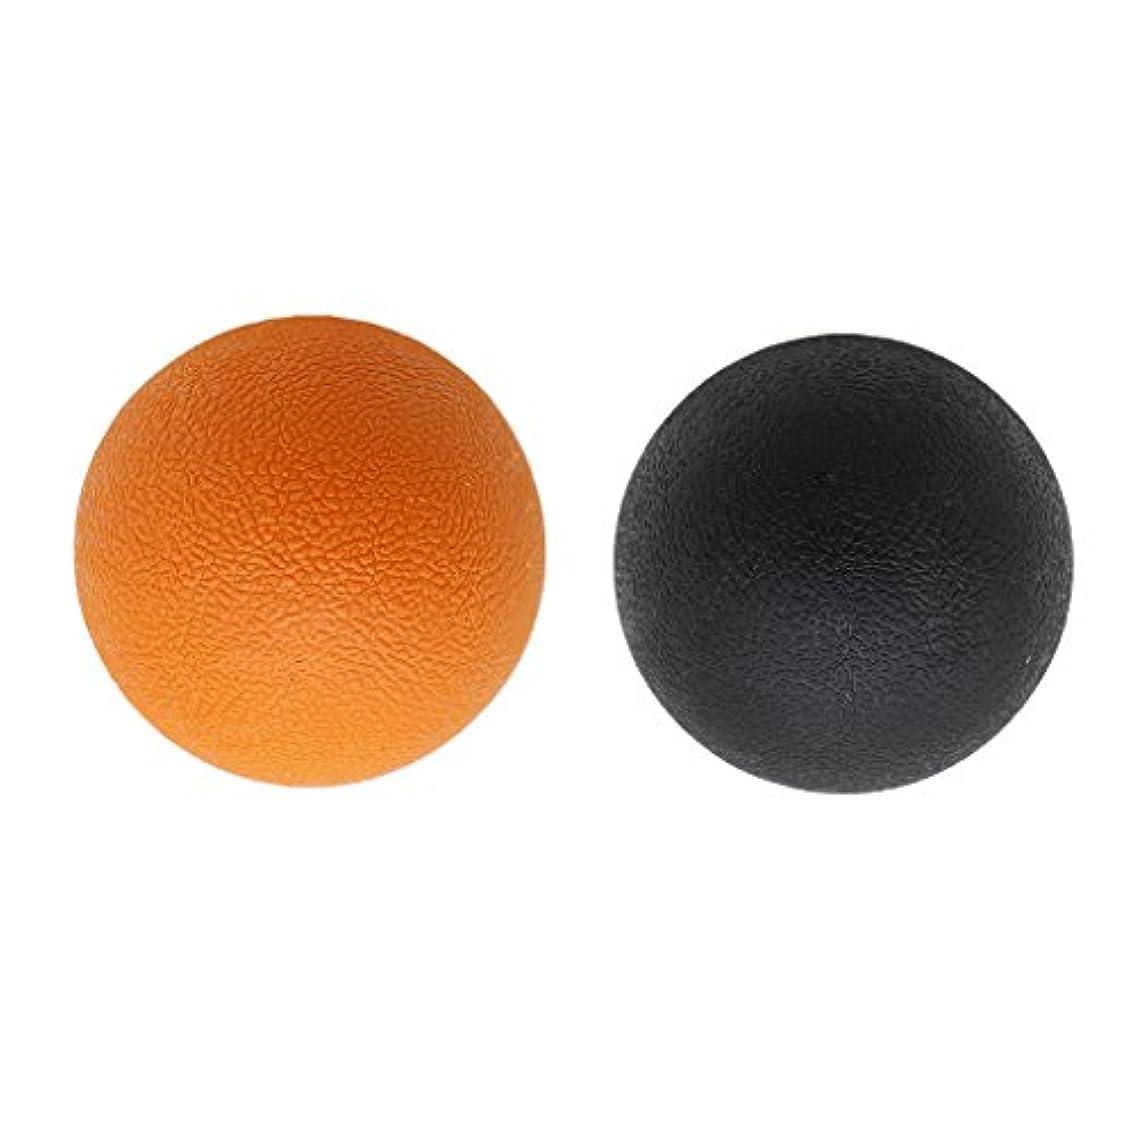 ベテランヒステリックそこ2個 マッサージボール ラクロスボール トリガ ポイントマッサージ 弾性TPE 多色選べる - オレンジブラック